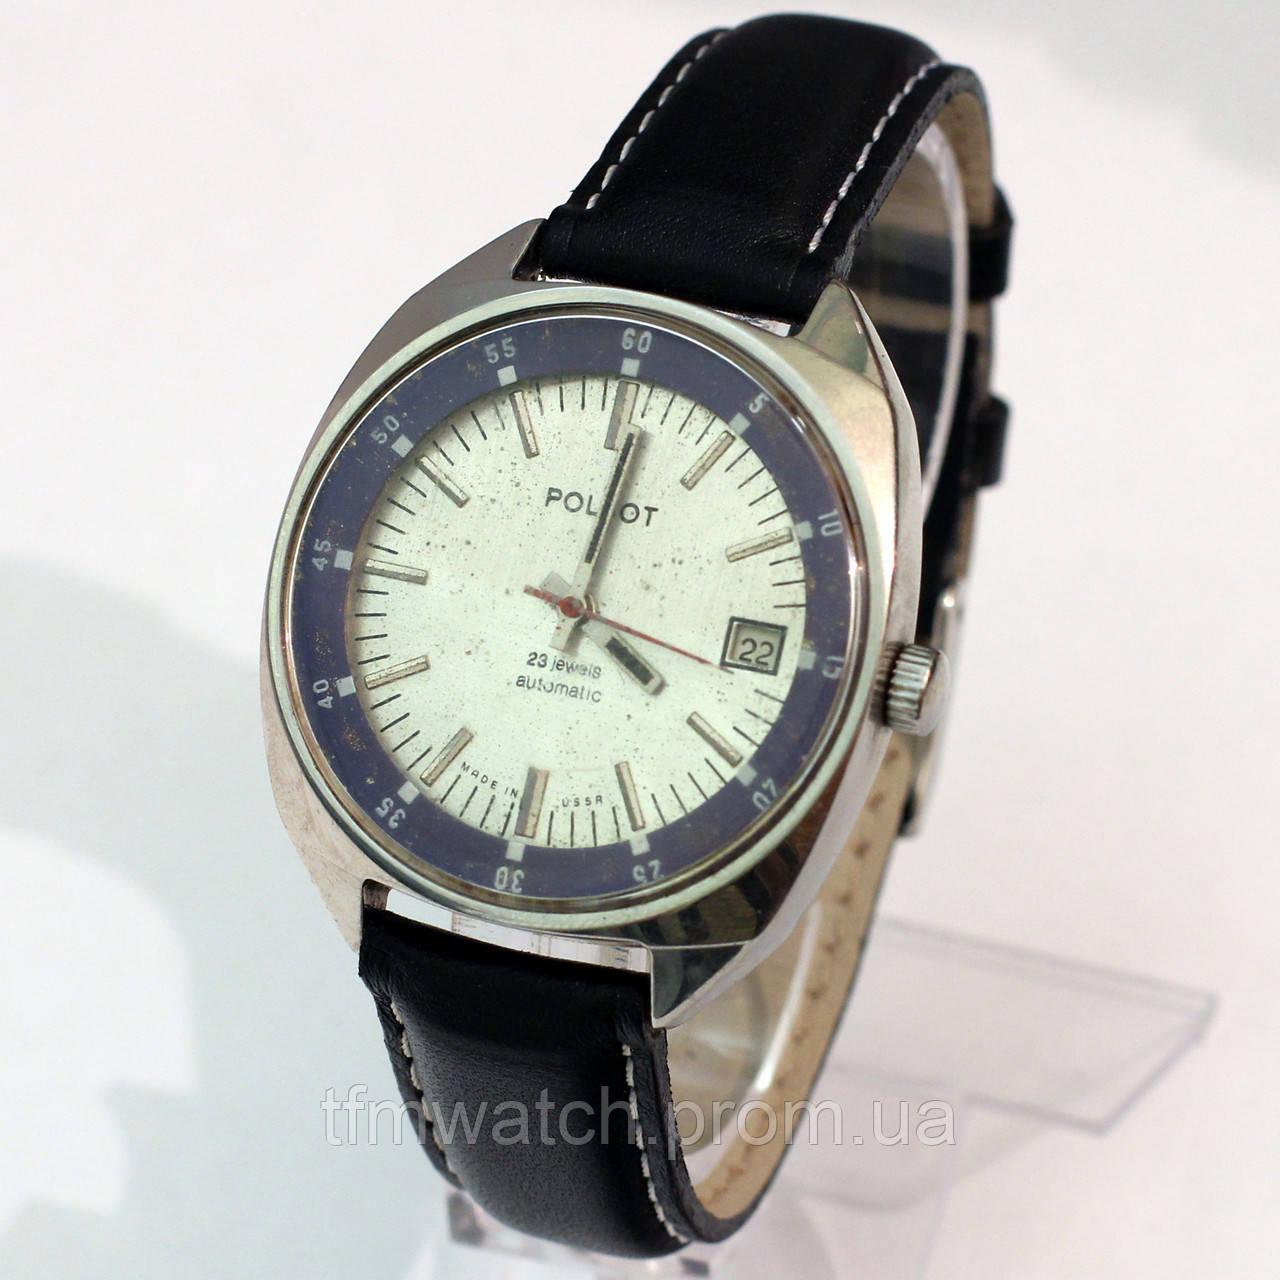 Купить мужские российские механические часы часы наручные мужские constantin vacheron